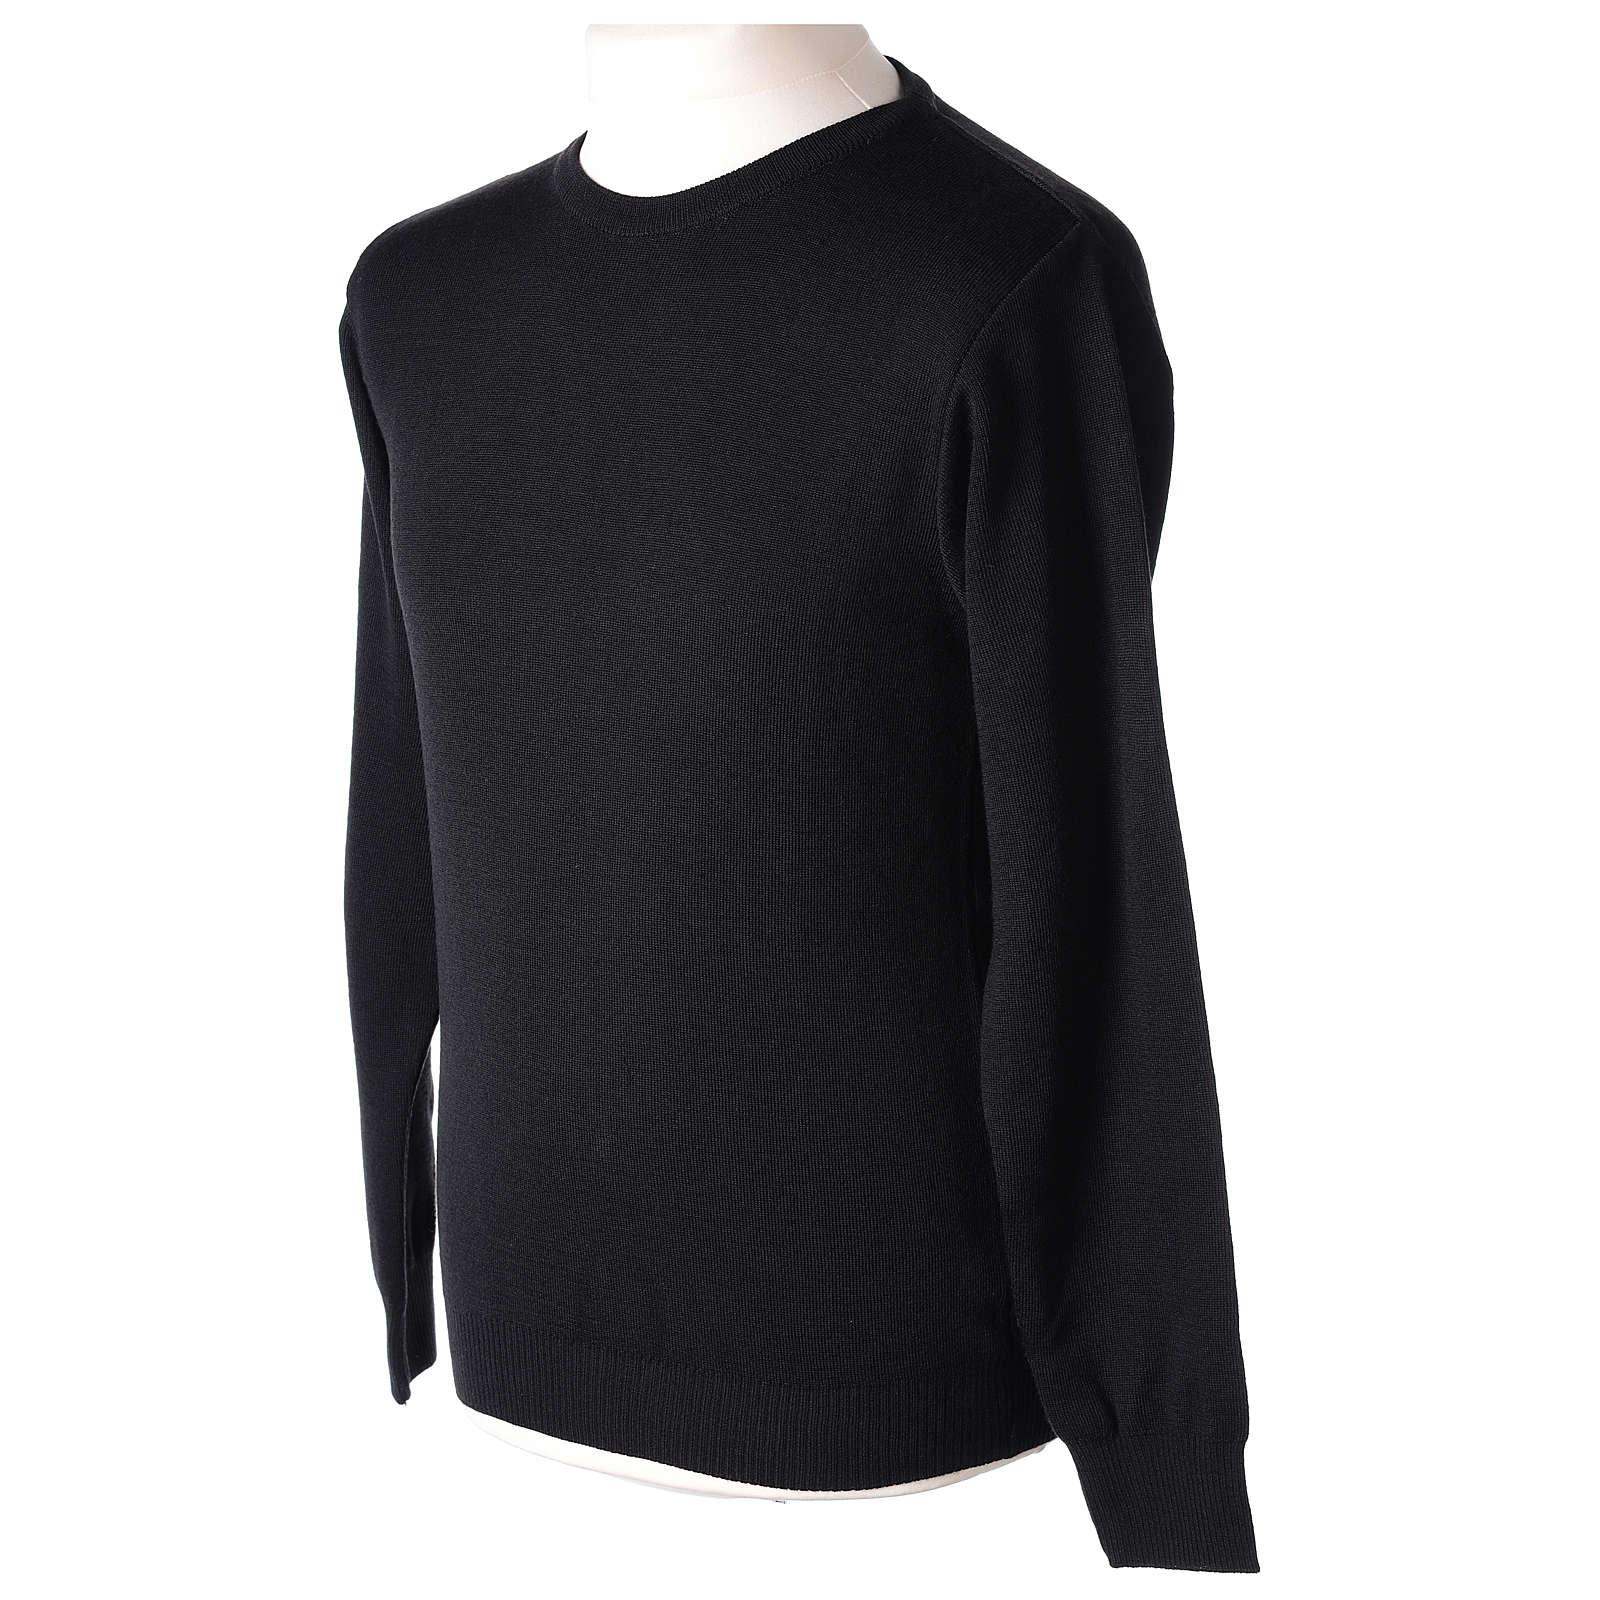 Pull prêtre ras-de-cou noir jersey simple 50% laine mérinos 50% acrylique In Primis 4